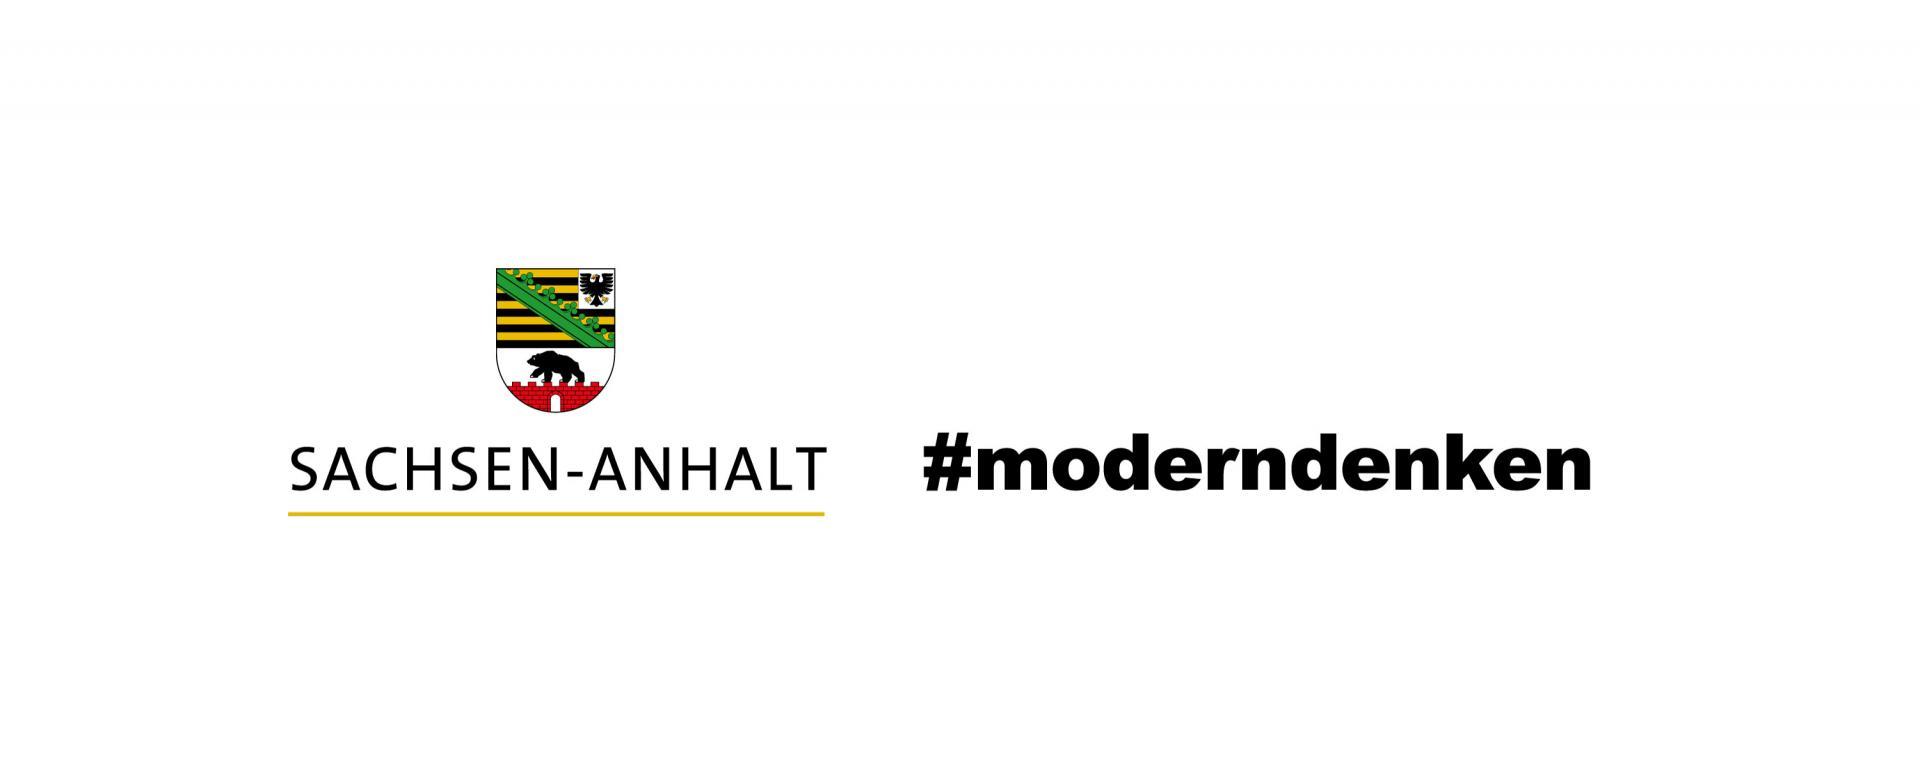 Sachsen-Anhalt modern denken